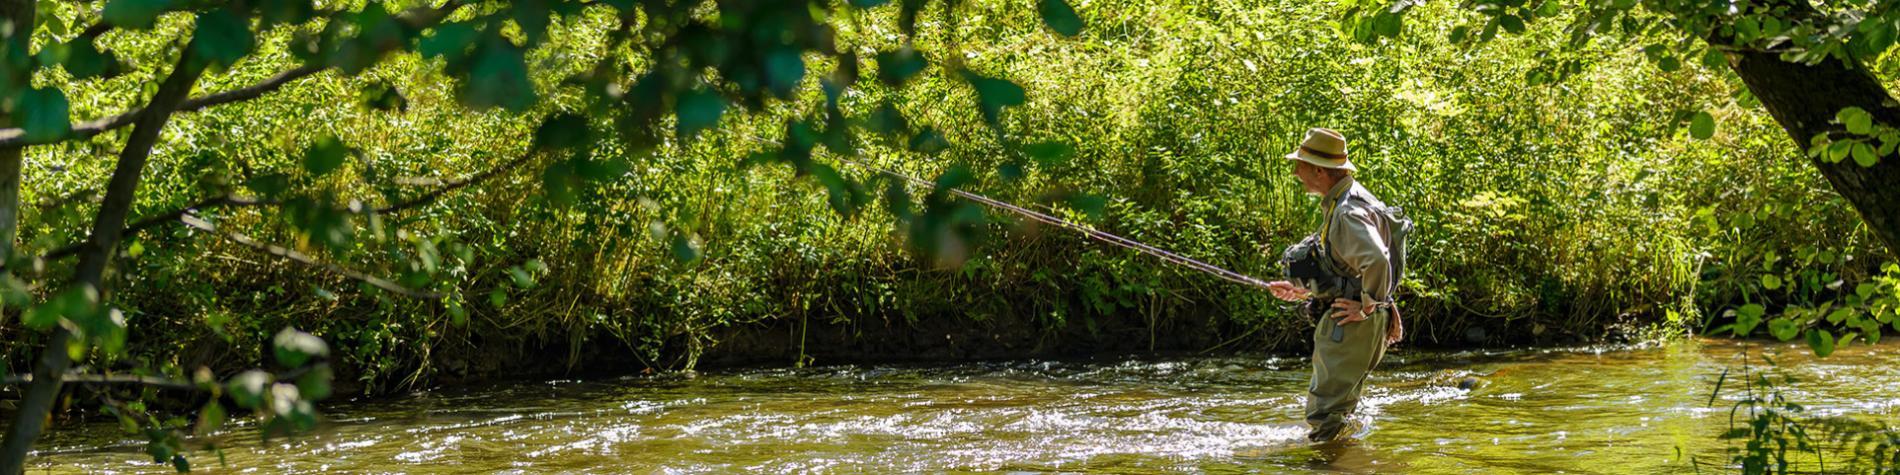 Pêche - balade - forêt - Mirwart